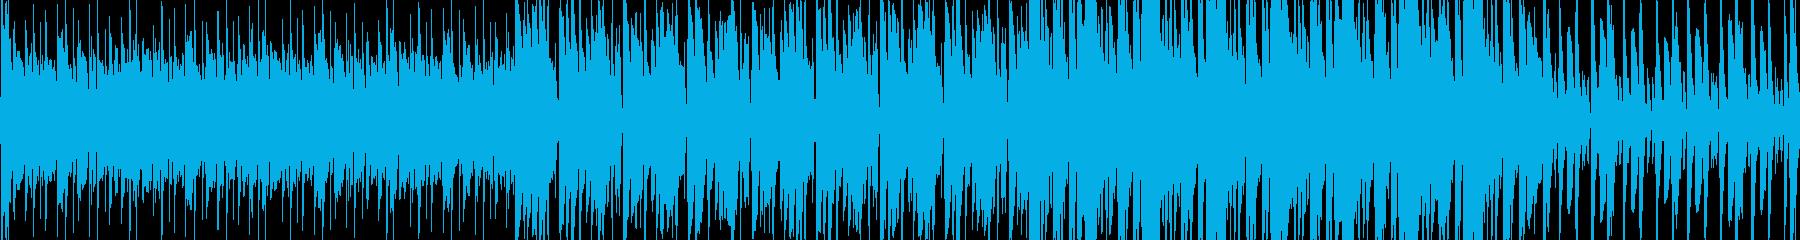 民族的、砂漠的なラテン系フォルクローレの再生済みの波形